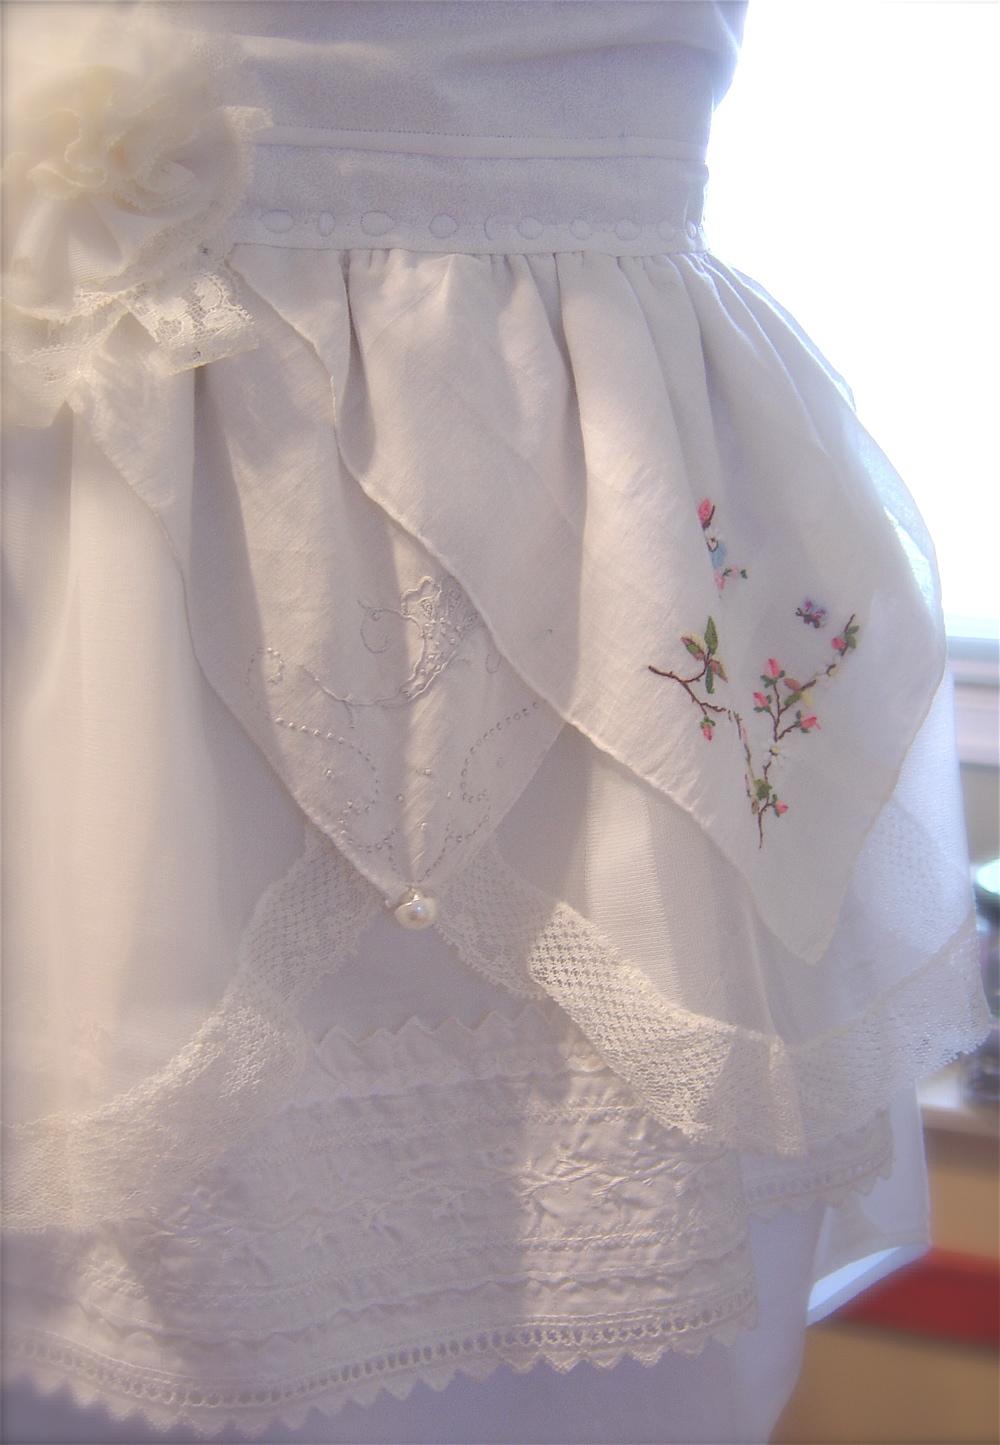 White lace apron wedding - Wednesday July 21 2010